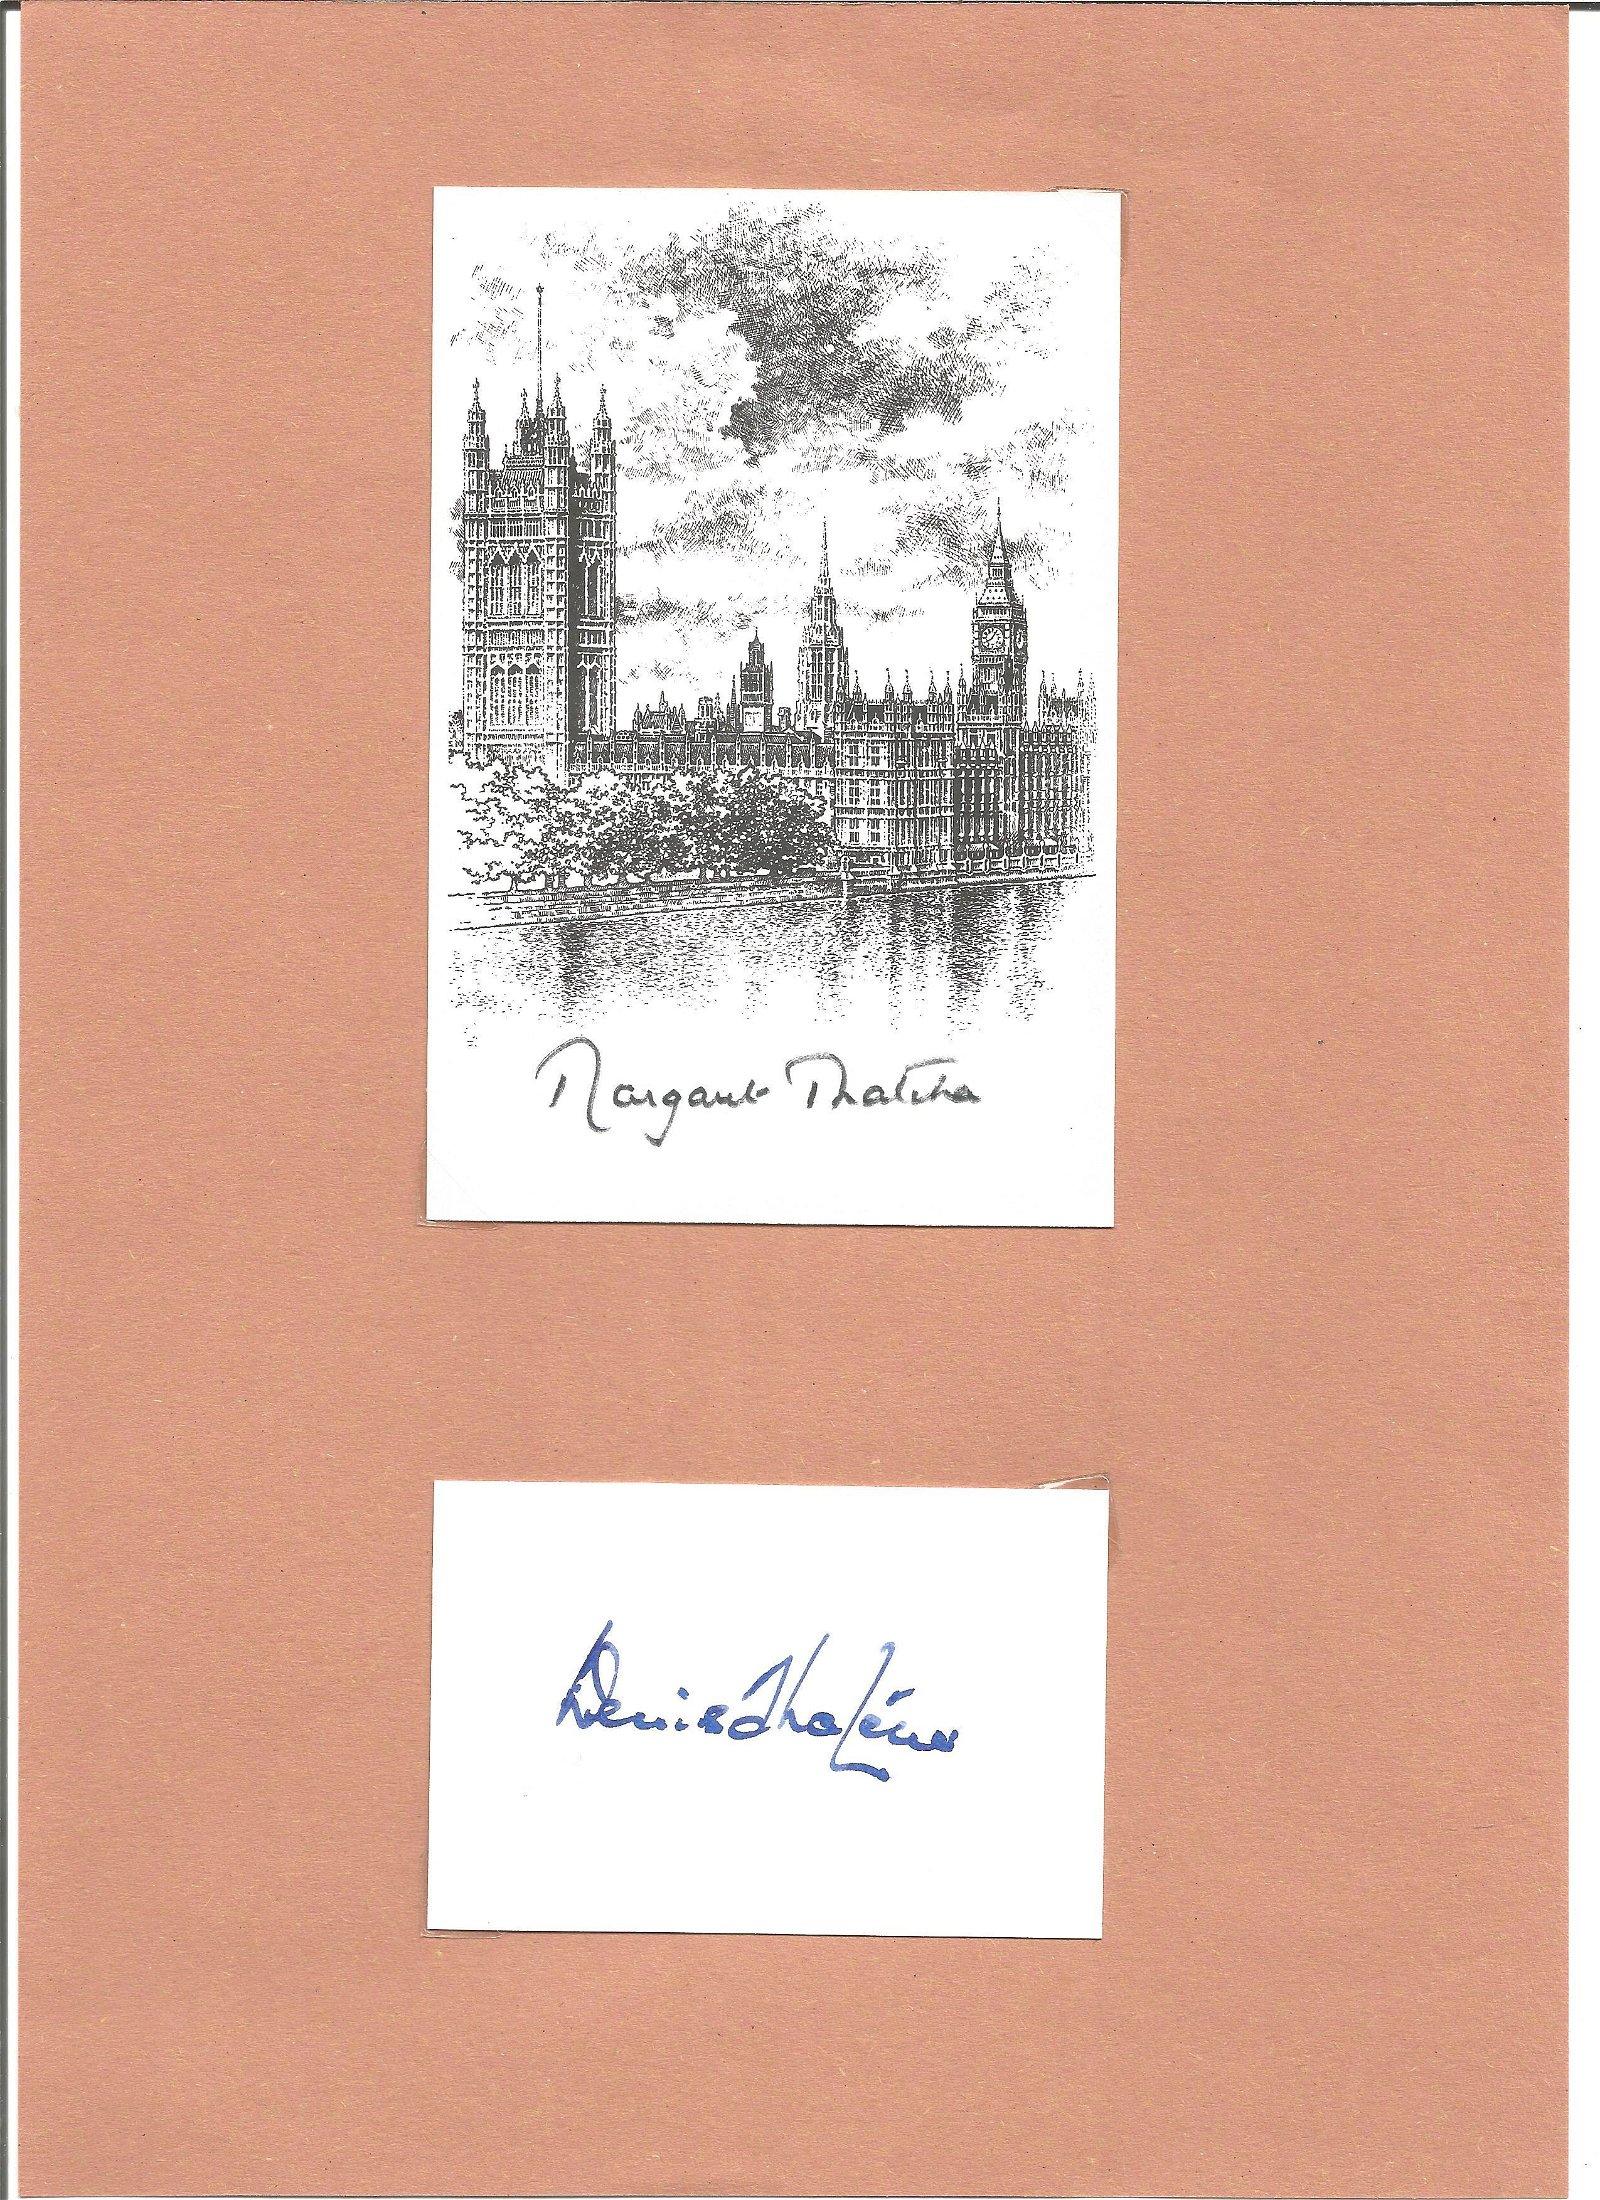 Margaret and Denis Thatcher signature pieces. Good